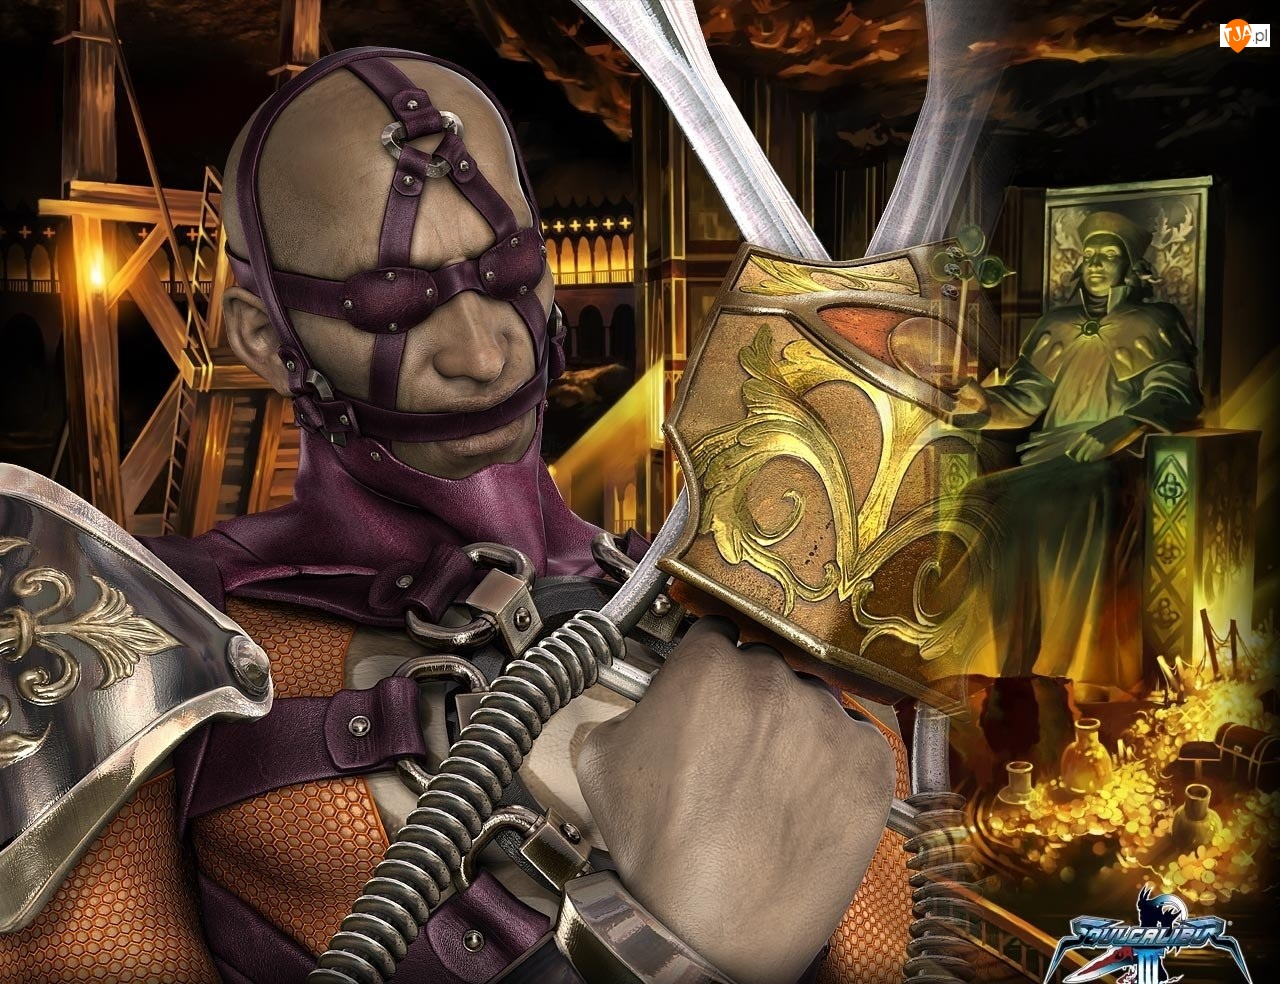 Katary, Mężczyzna, Voldo, Soul Calibur III